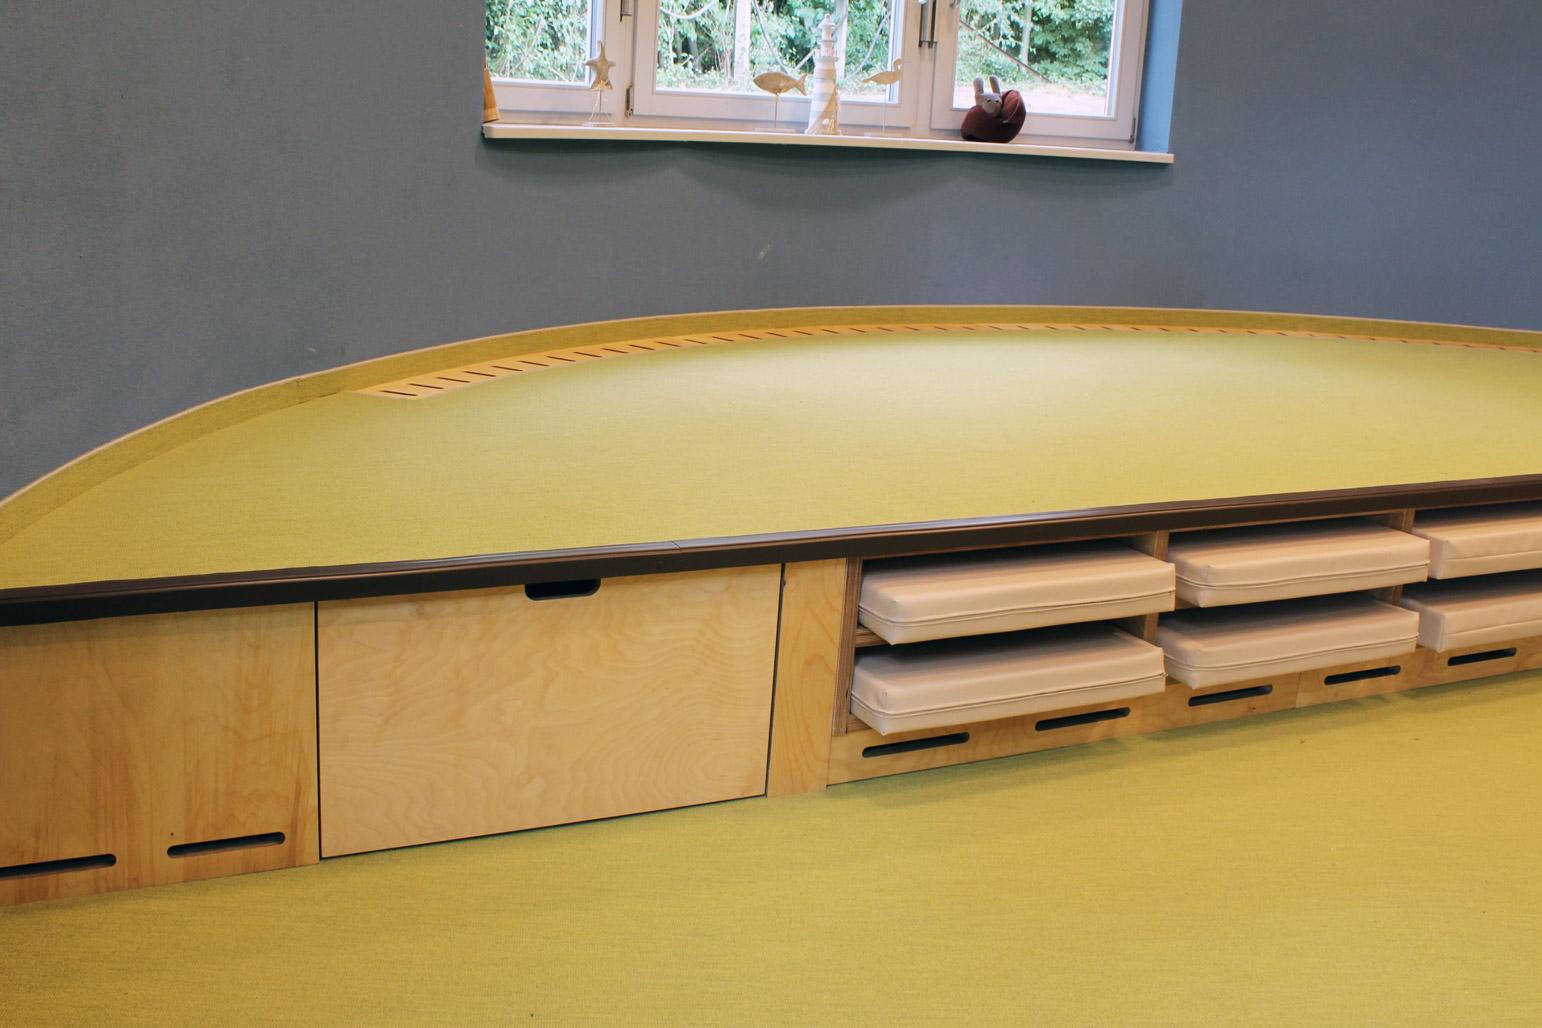 Foto Mehrzweckmöbel von der Möbeltischlerei für Kindertagesstätte in Zwickau